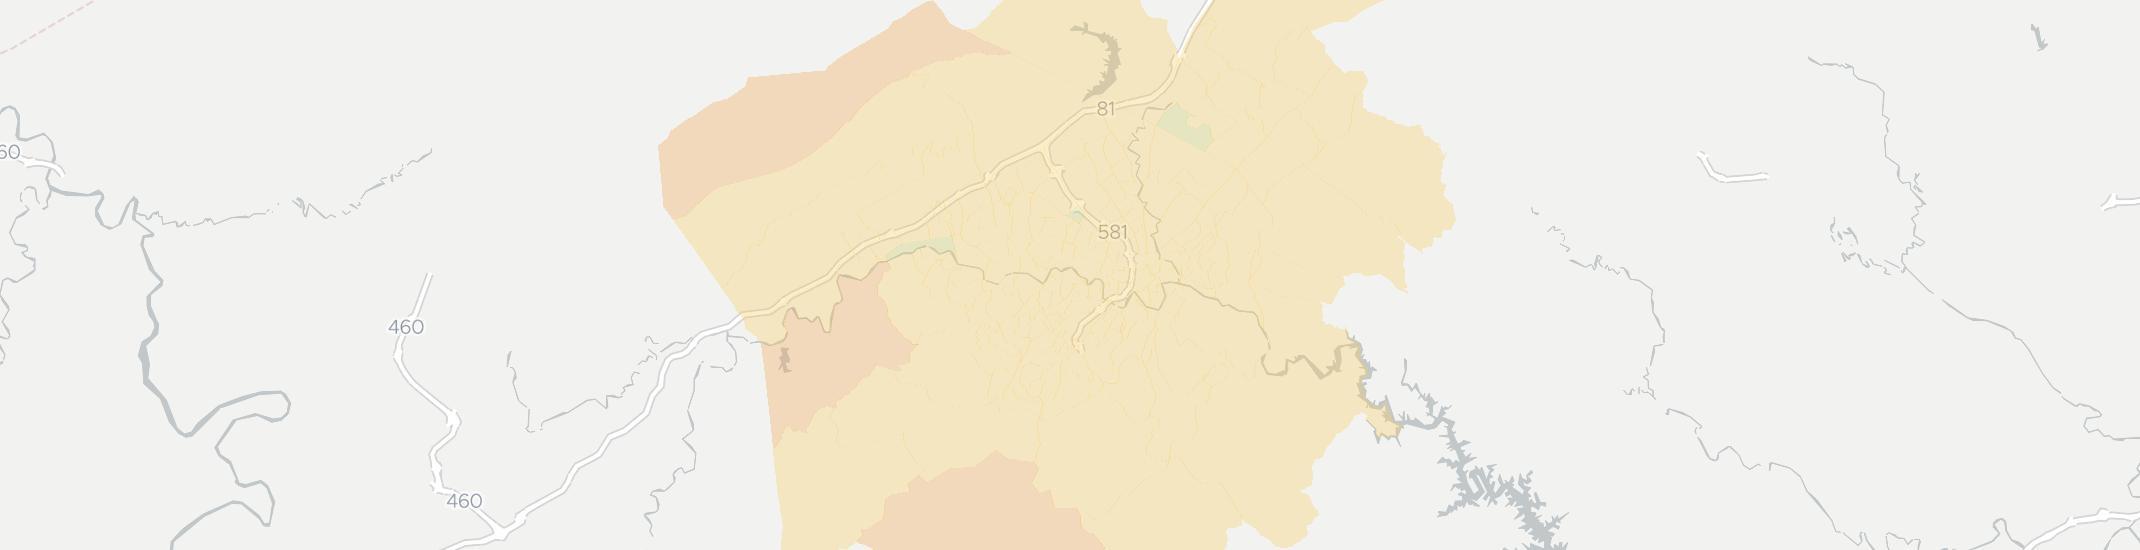 Roanoke Zip Code Map.Roanoke Va Has 21 Internet Service Providers Broadbandnow Com